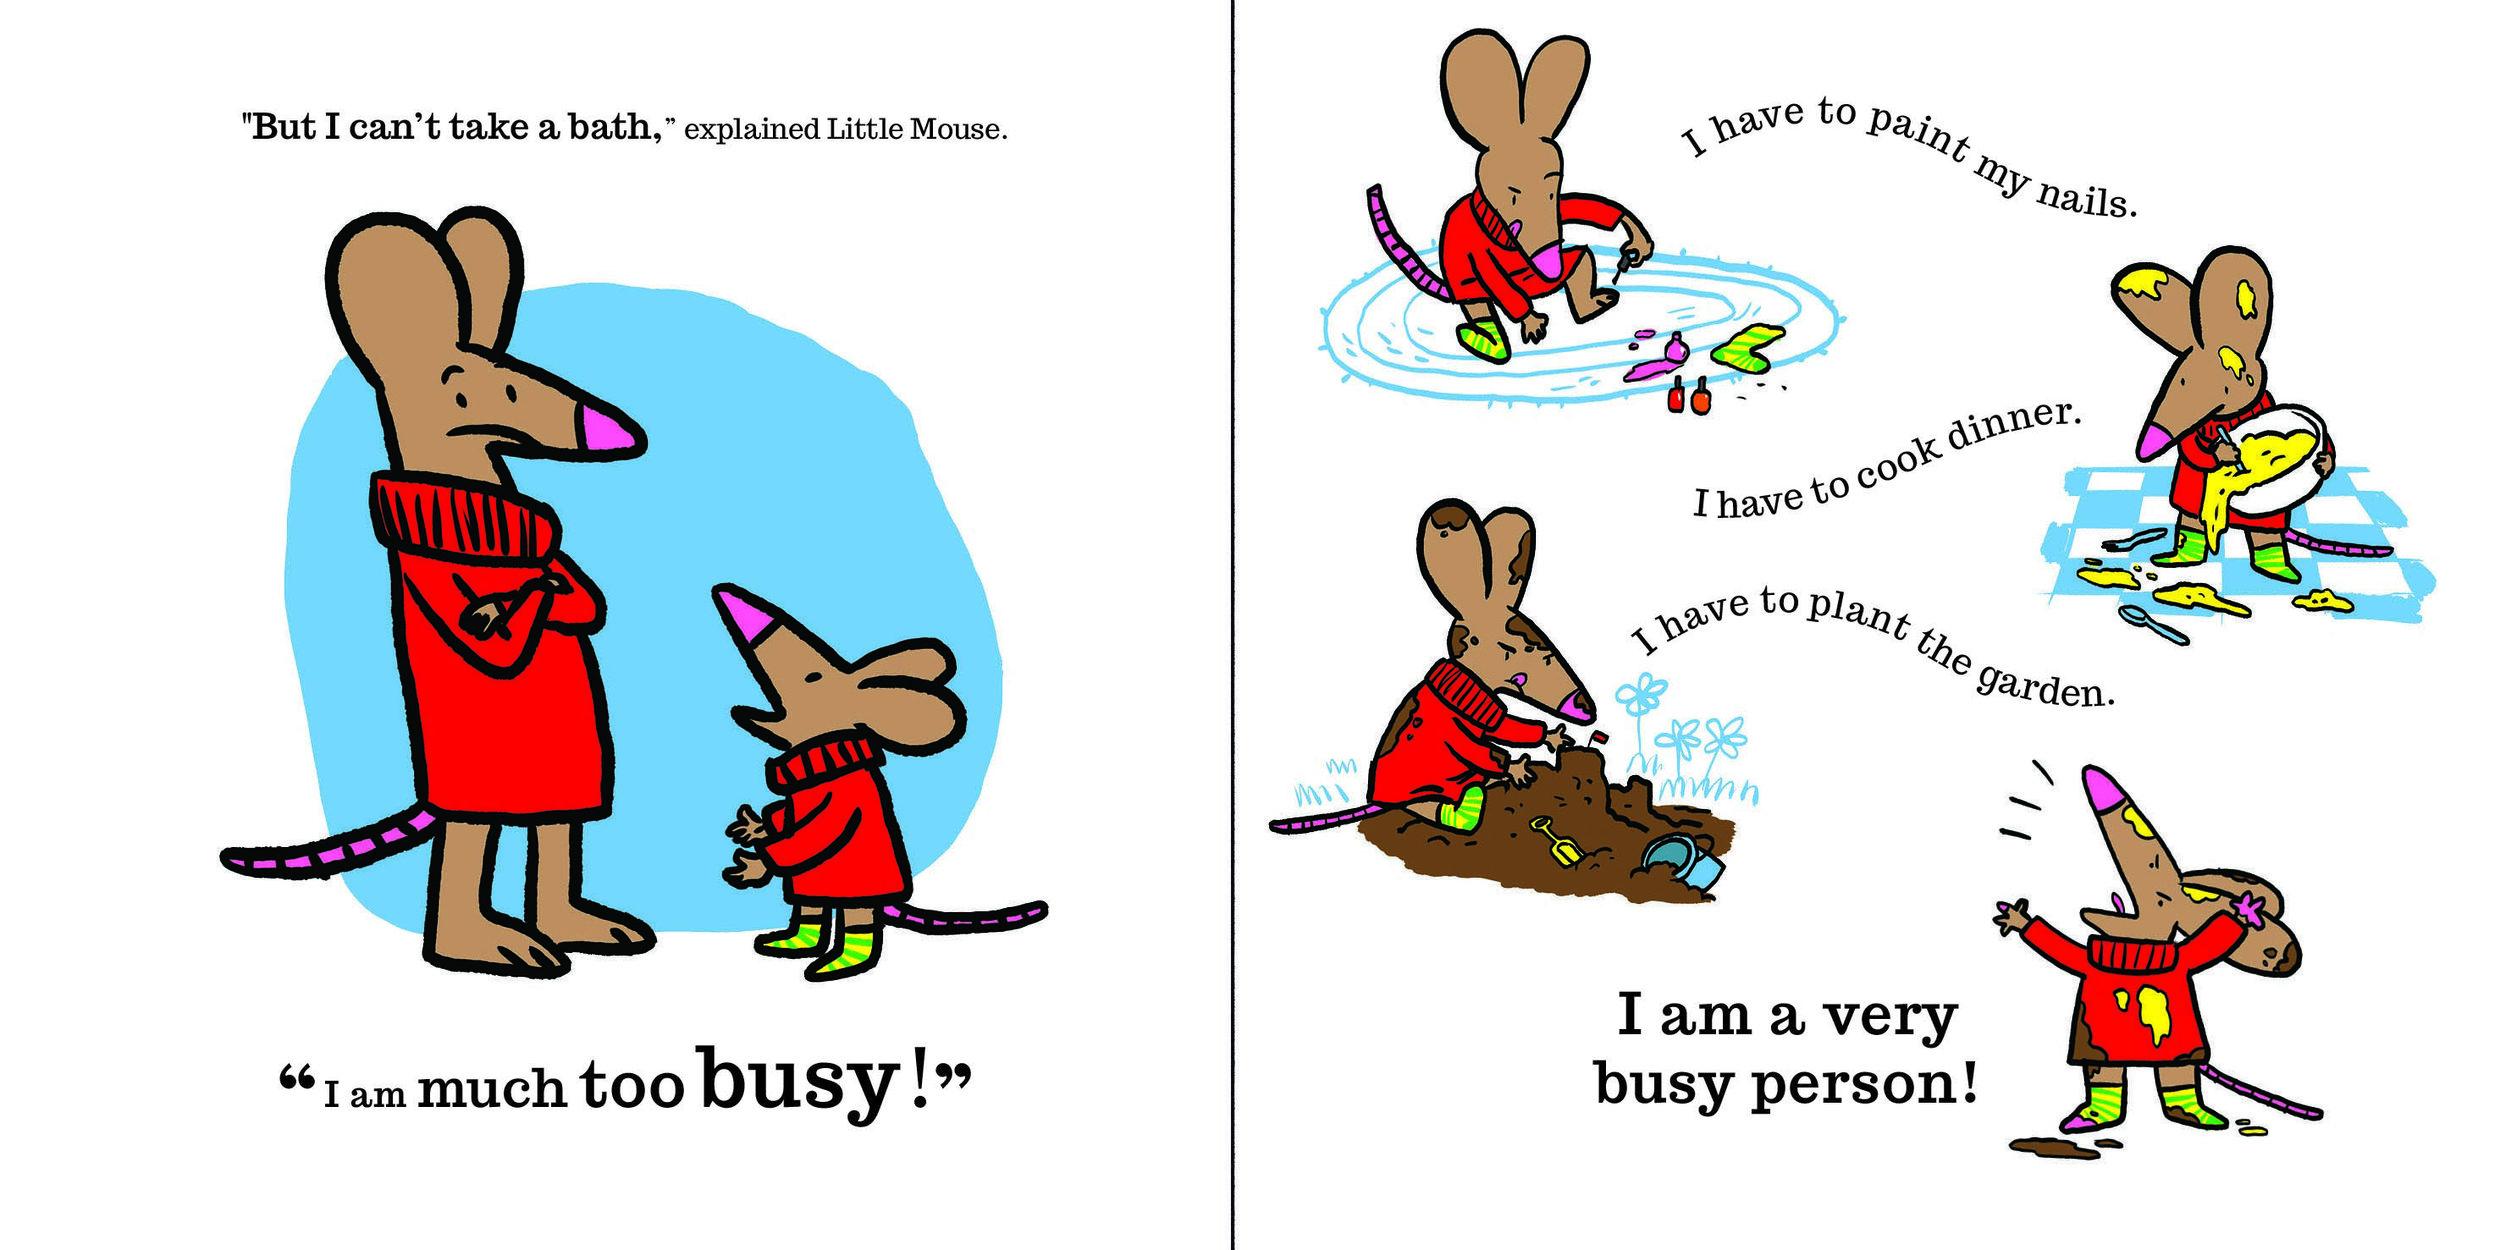 little_mouse_spread_bath.jpg